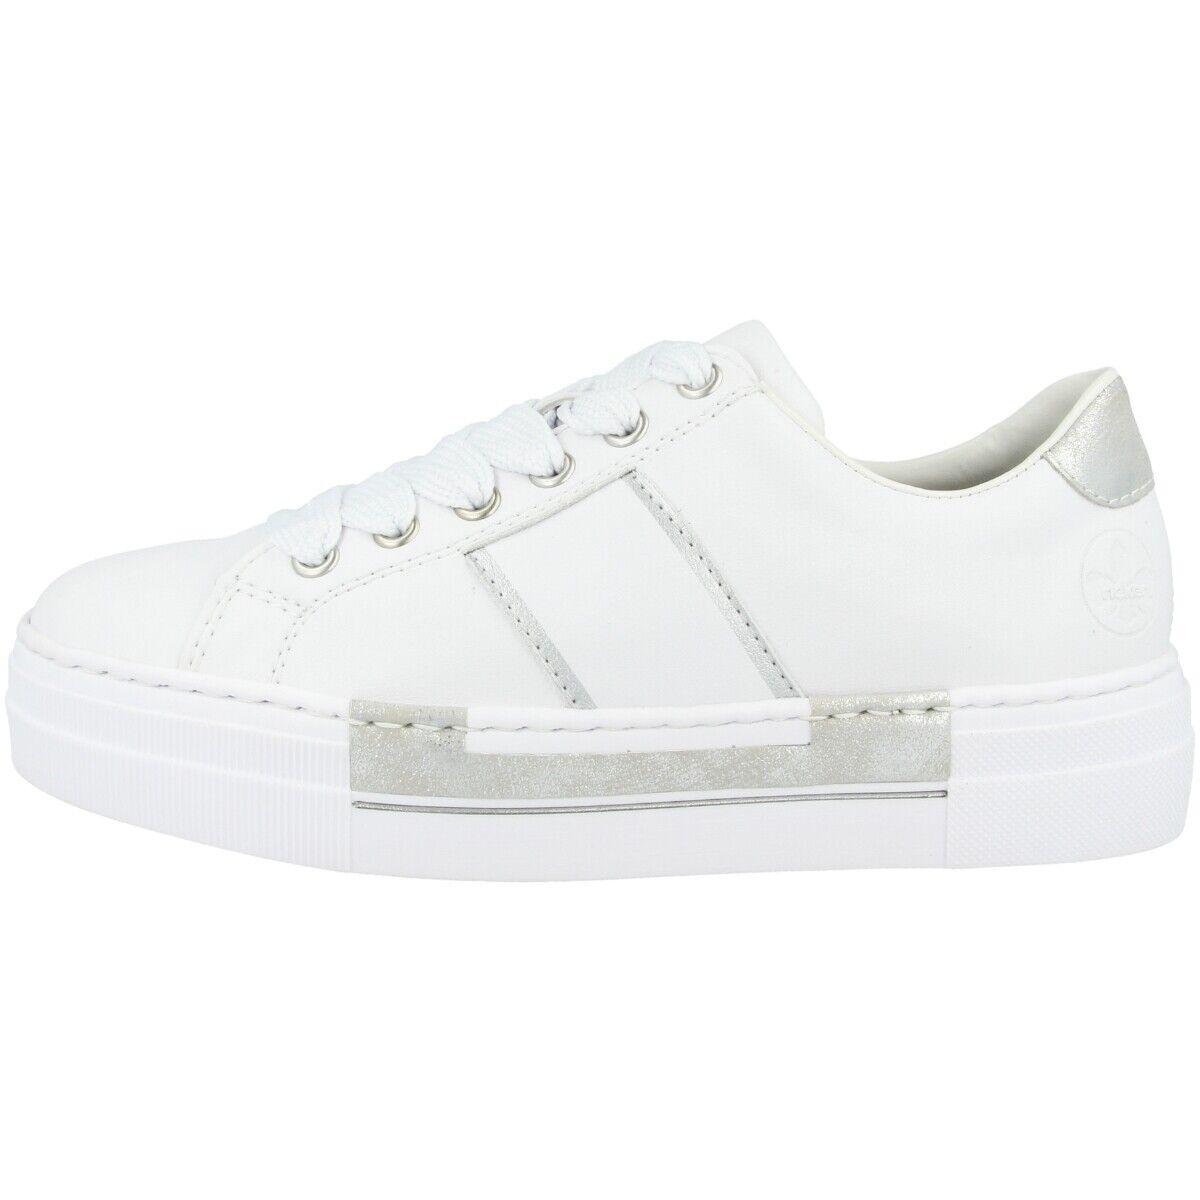 Rieker N4902-81 Schuhe damen Damen Turnschuhe Antistress Halbschuhe Schnürschuhe